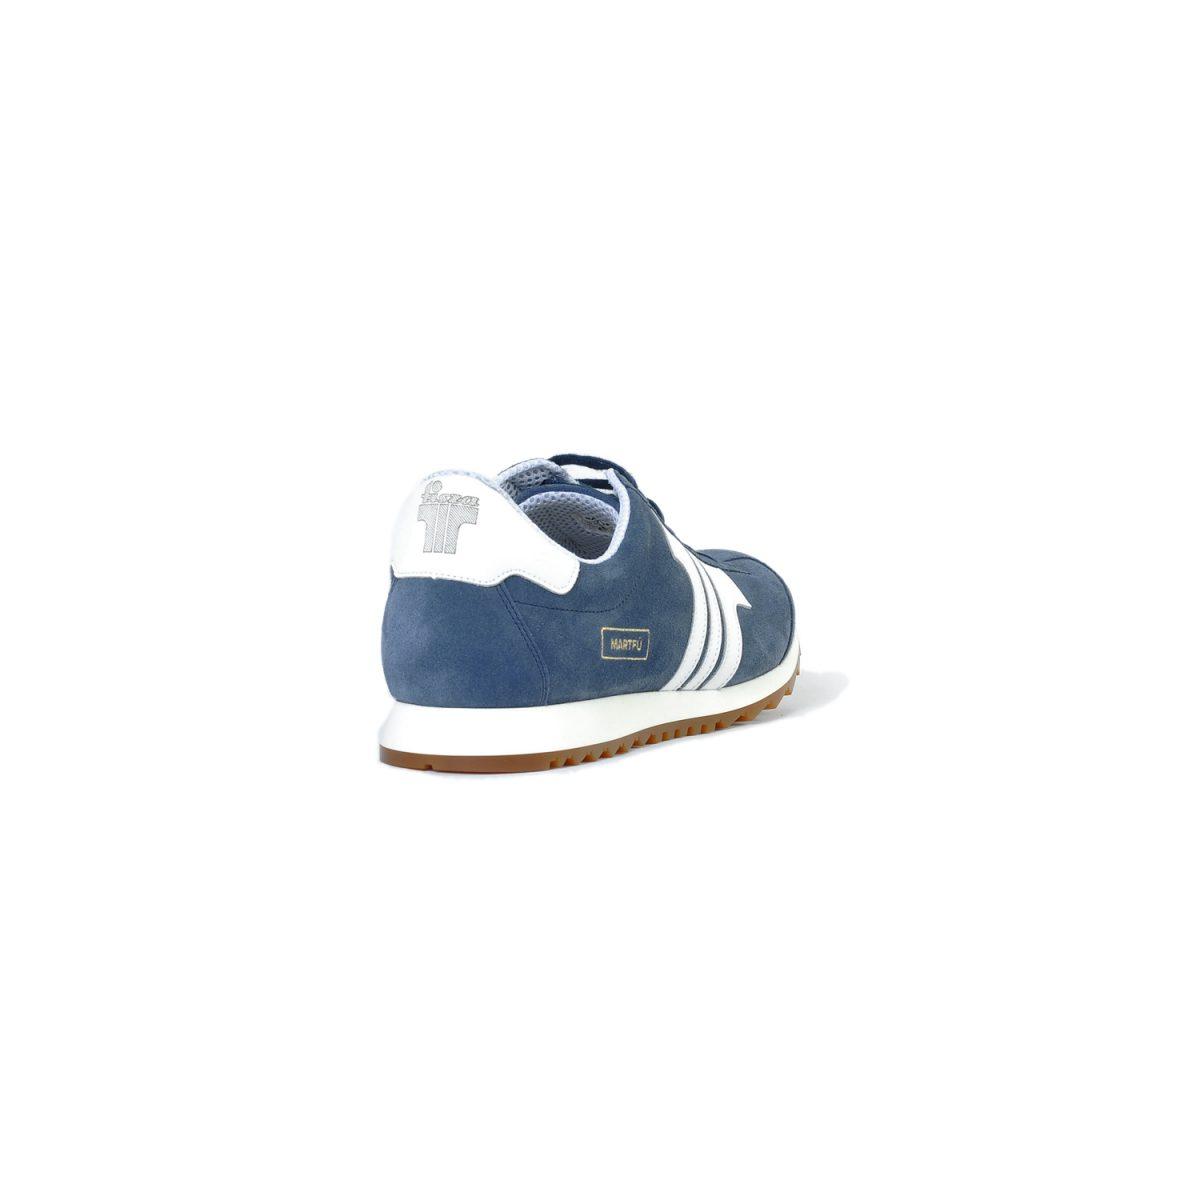 Tisza cipő - Martfű - Sötétkék-fehér